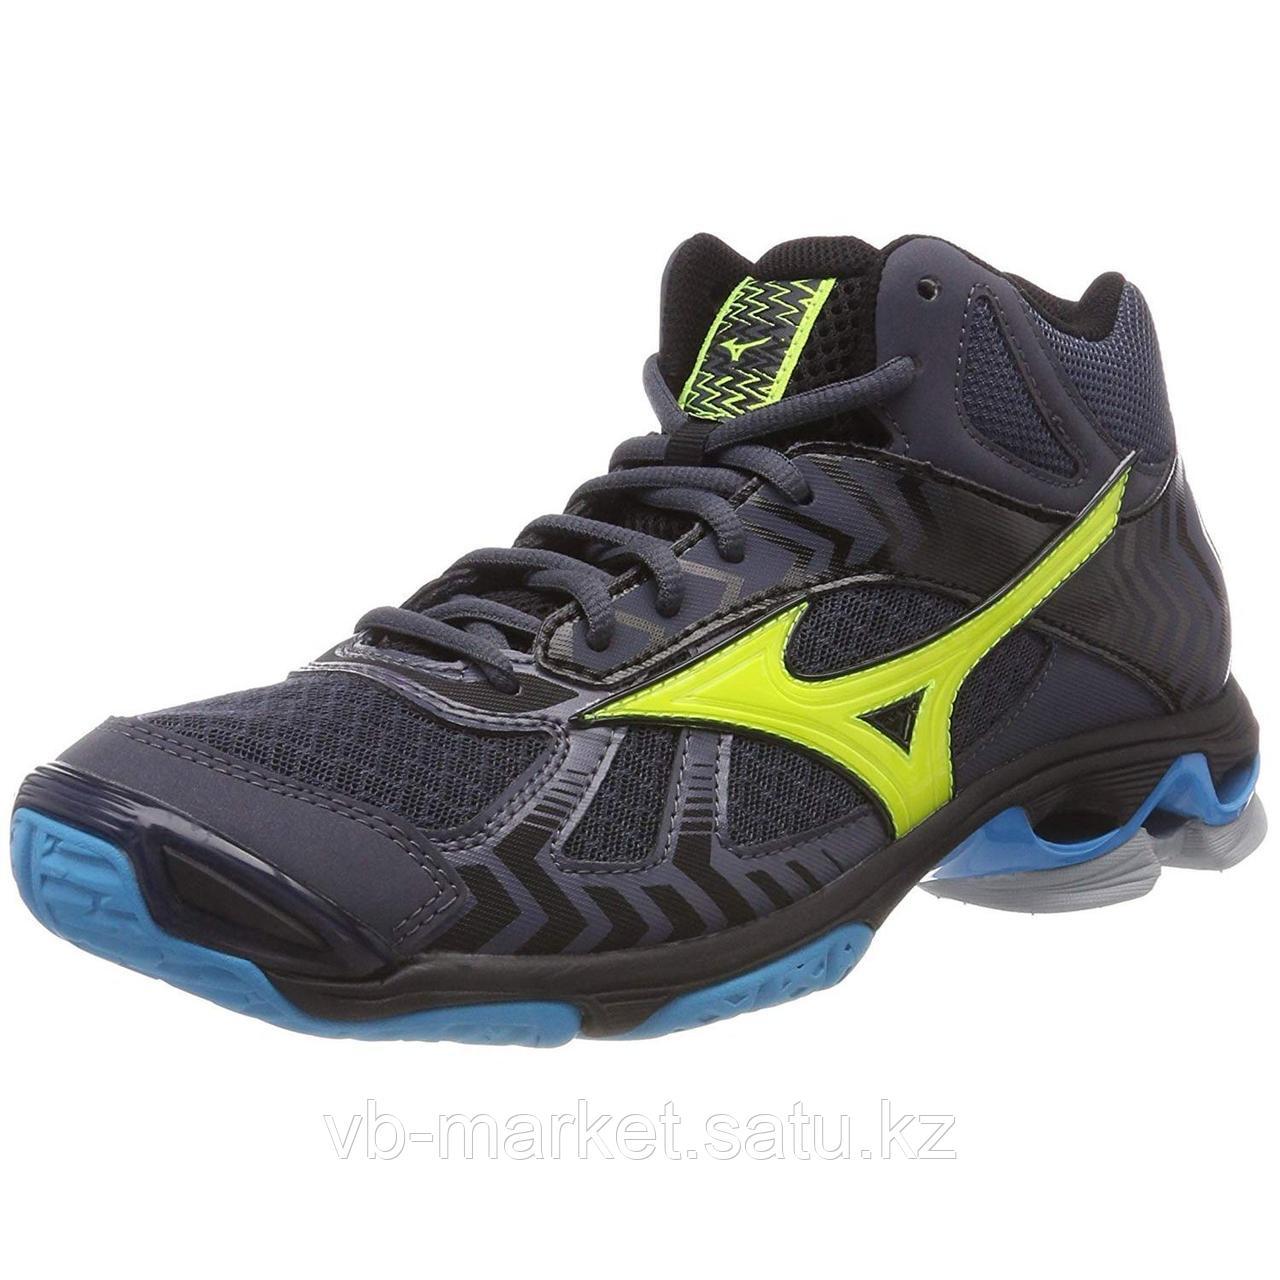 Мужские волейбольные кроссовки MIZUNO WAVE BOLT 7 MID